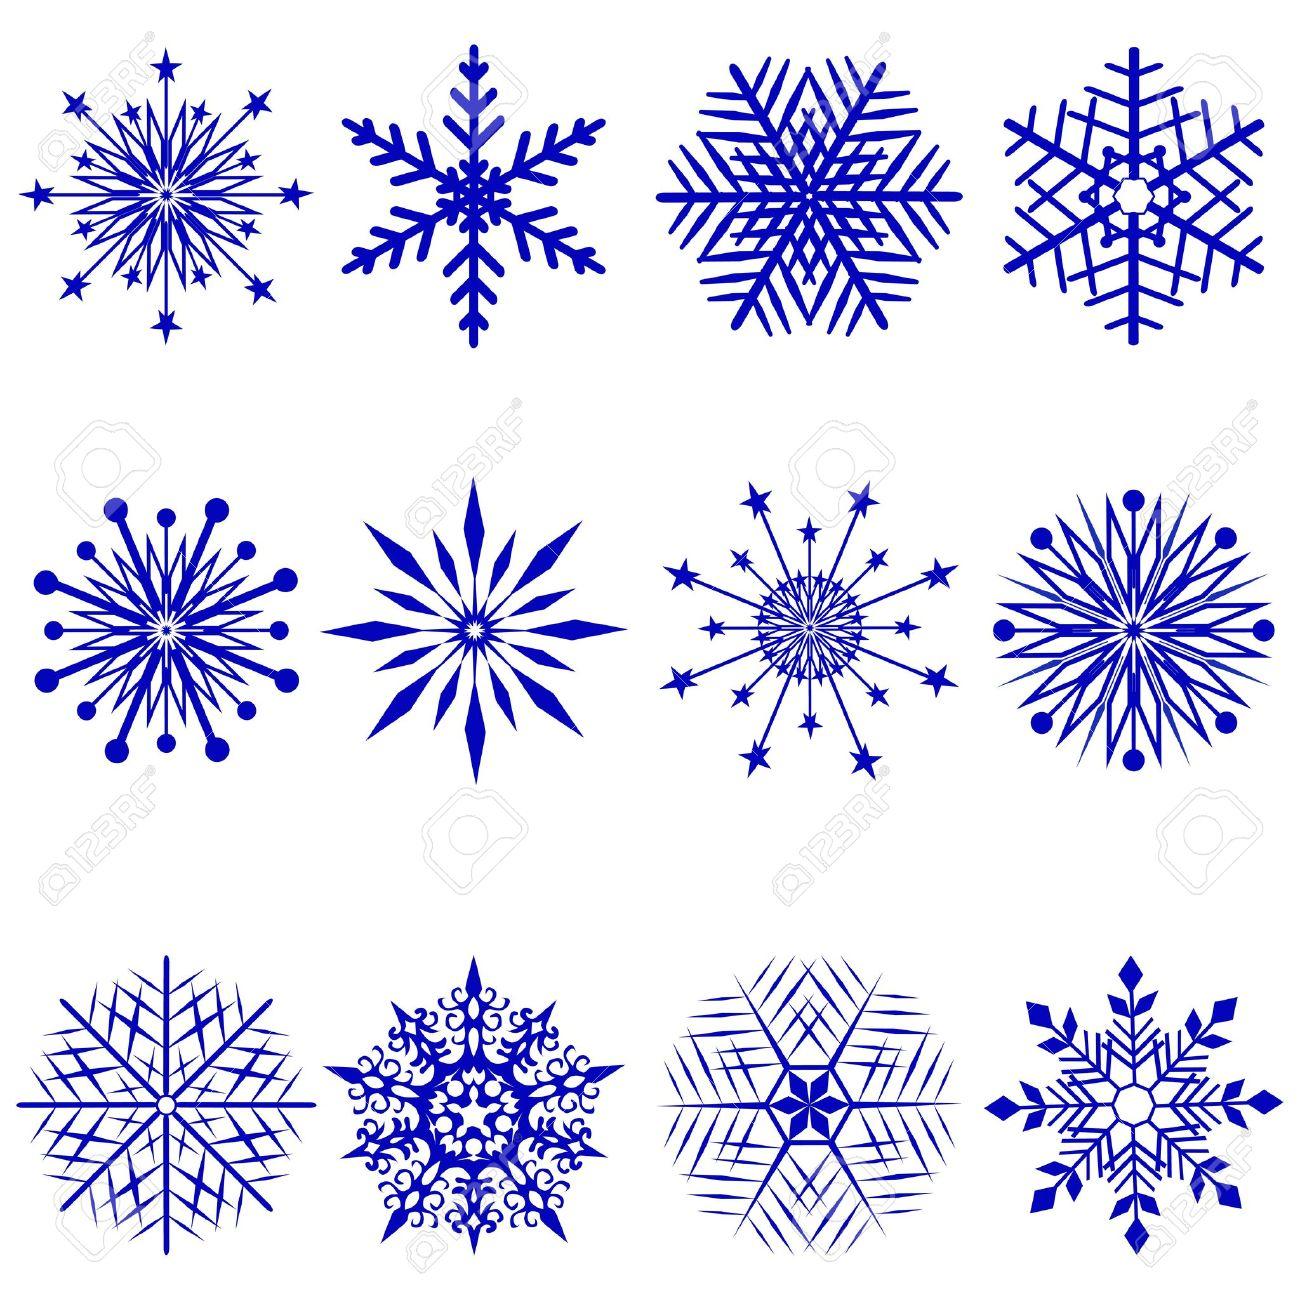 dessin simple de flocon de neige